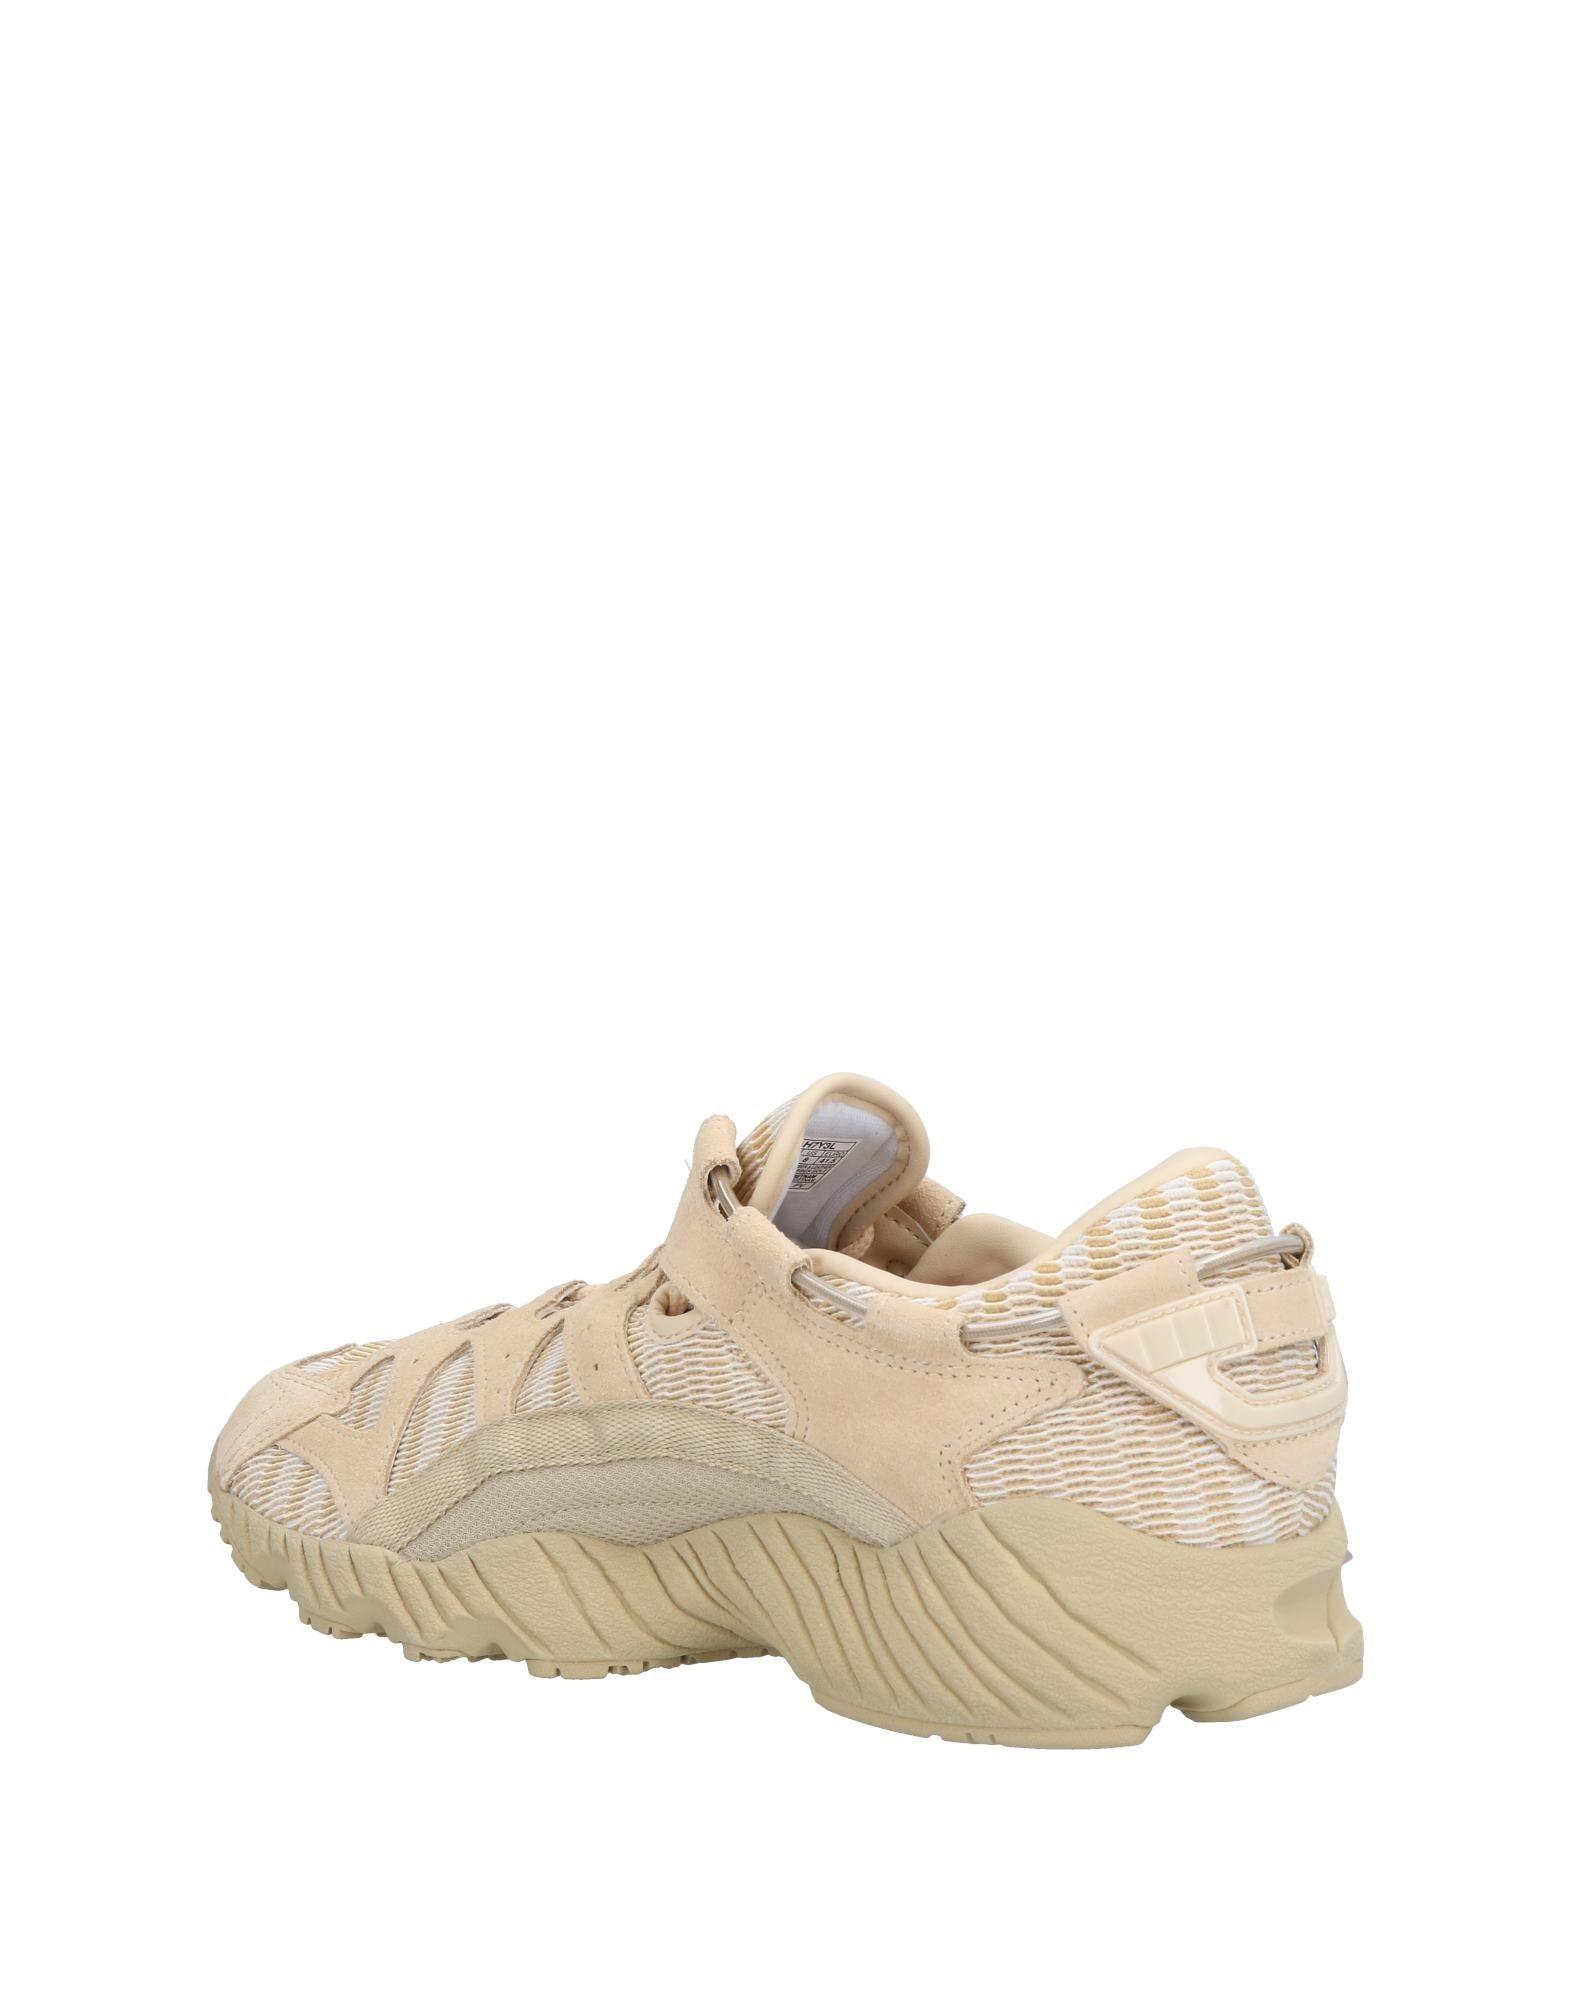 Rabatt echte  Schuhe Asics Sneakers Herren  echte 11493807AA 212f02